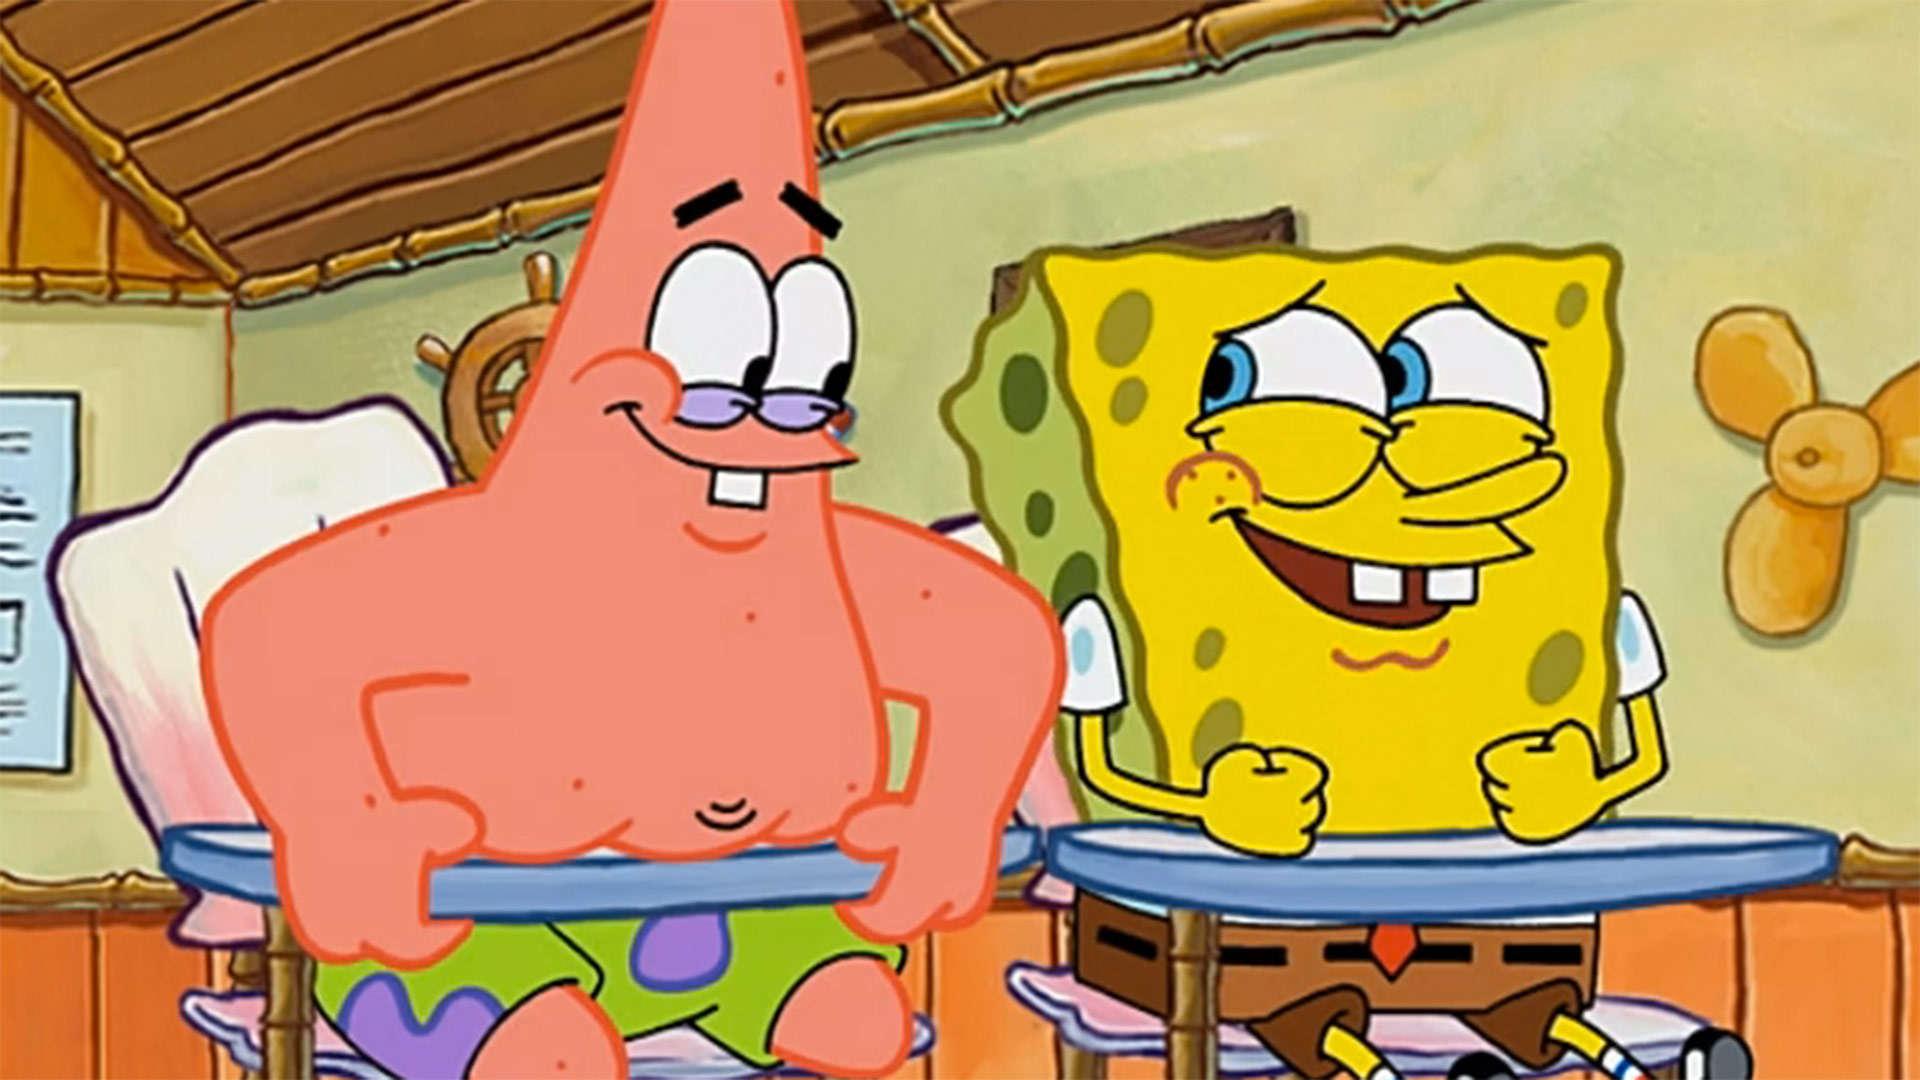 Spongebob and patrick humor meme template